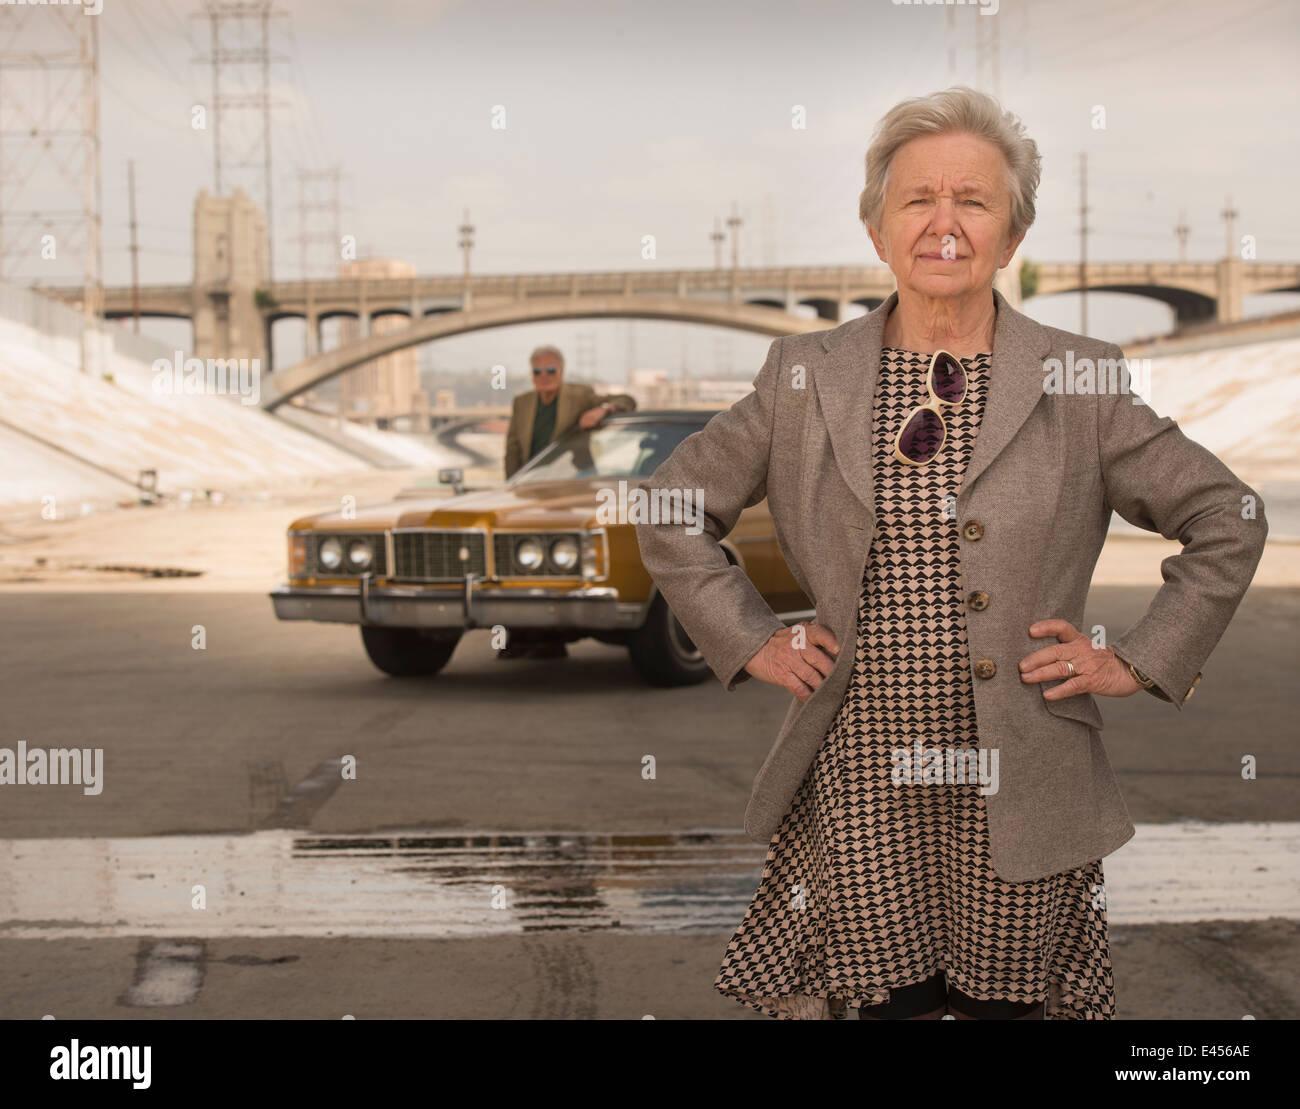 Portrait of senior woman cool et mari avec voiture classique, Los Angeles, Californie, USA Banque D'Images